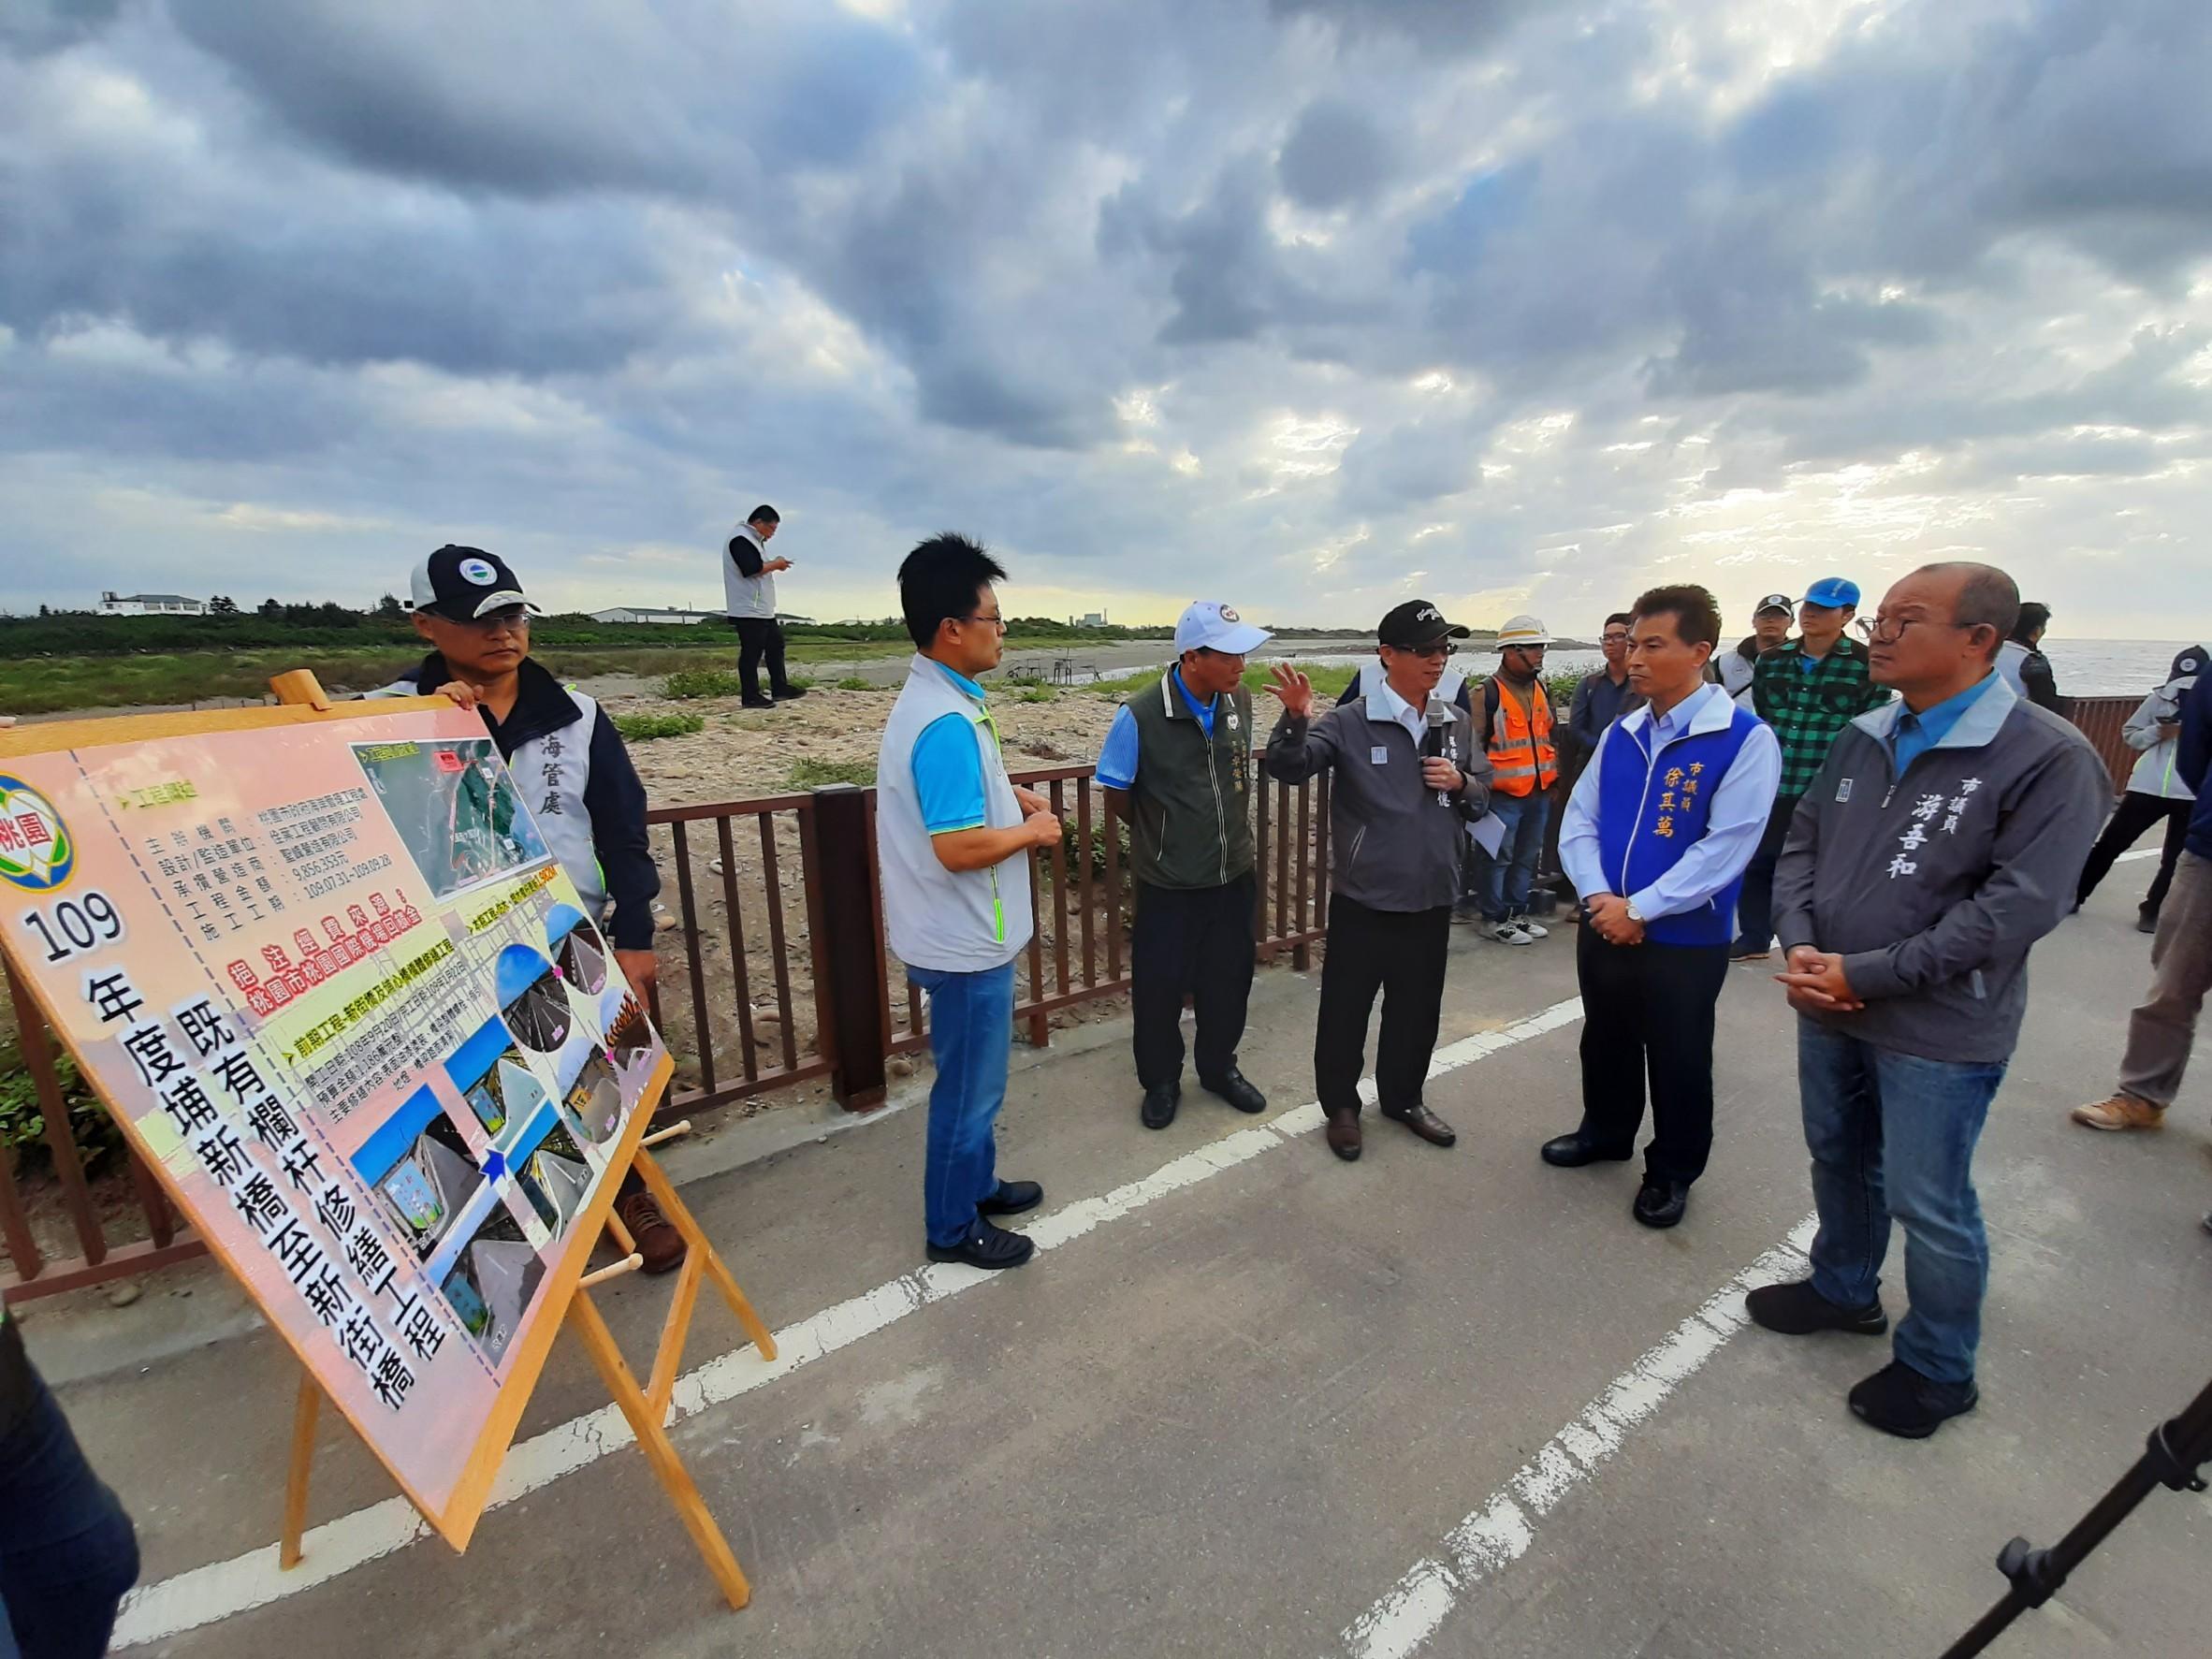 大園濱海自行車道護欄改善 體驗海岸生態之美